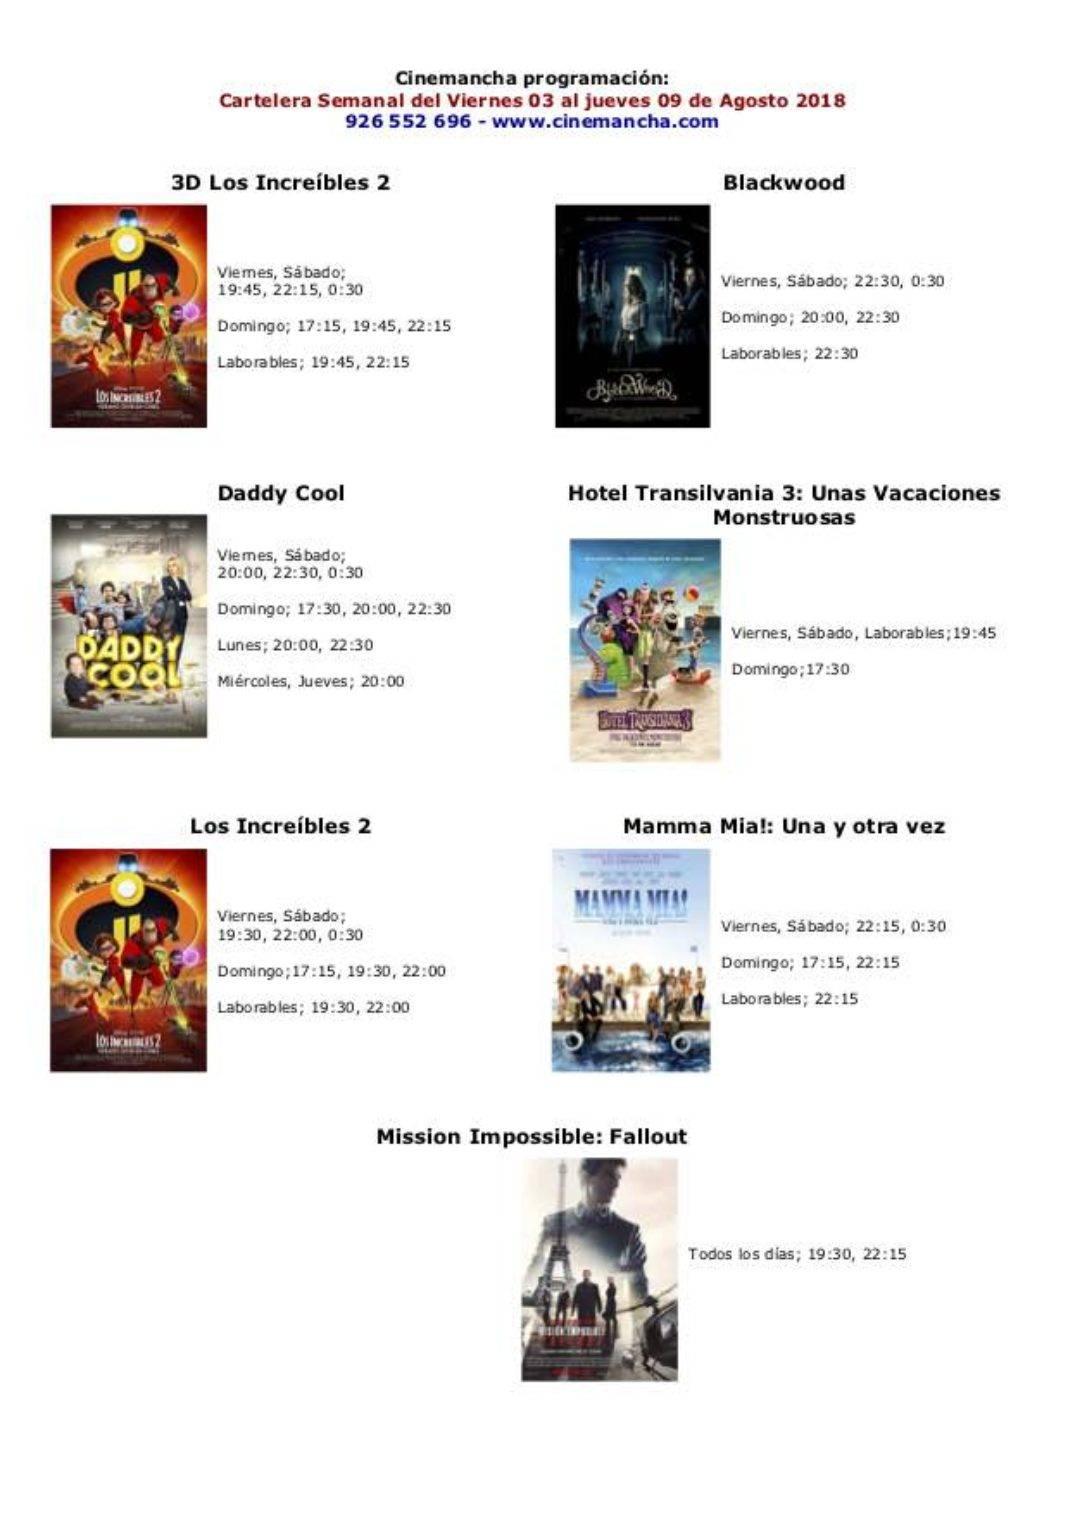 Programación cines Cinemancha del 3 al 9 de agosto 4